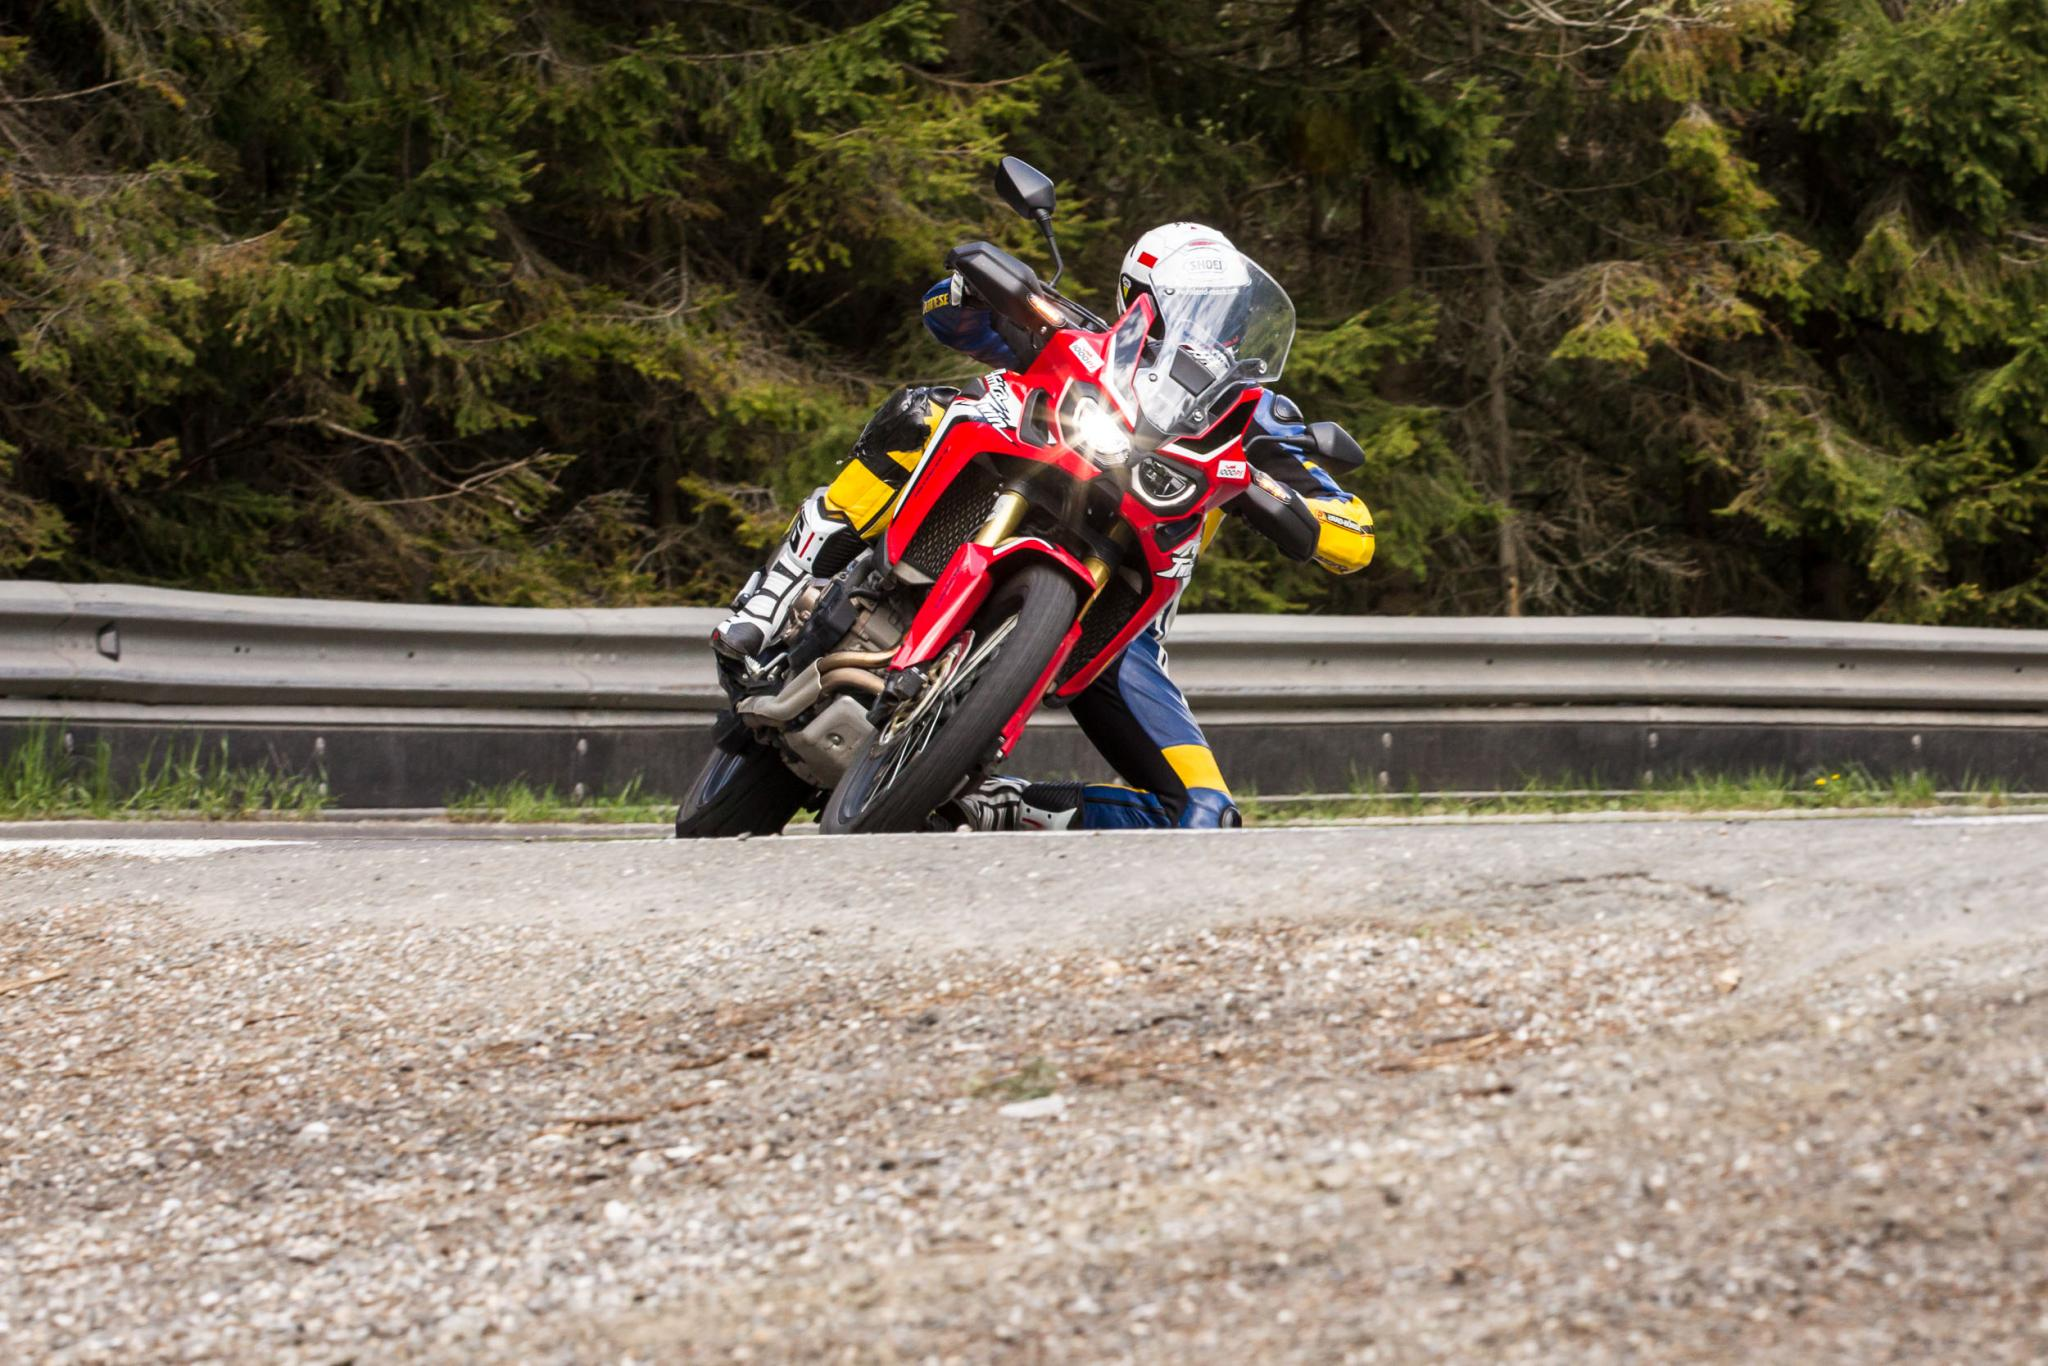 Motorrad-Quartett: Honda Africa Twin Foto